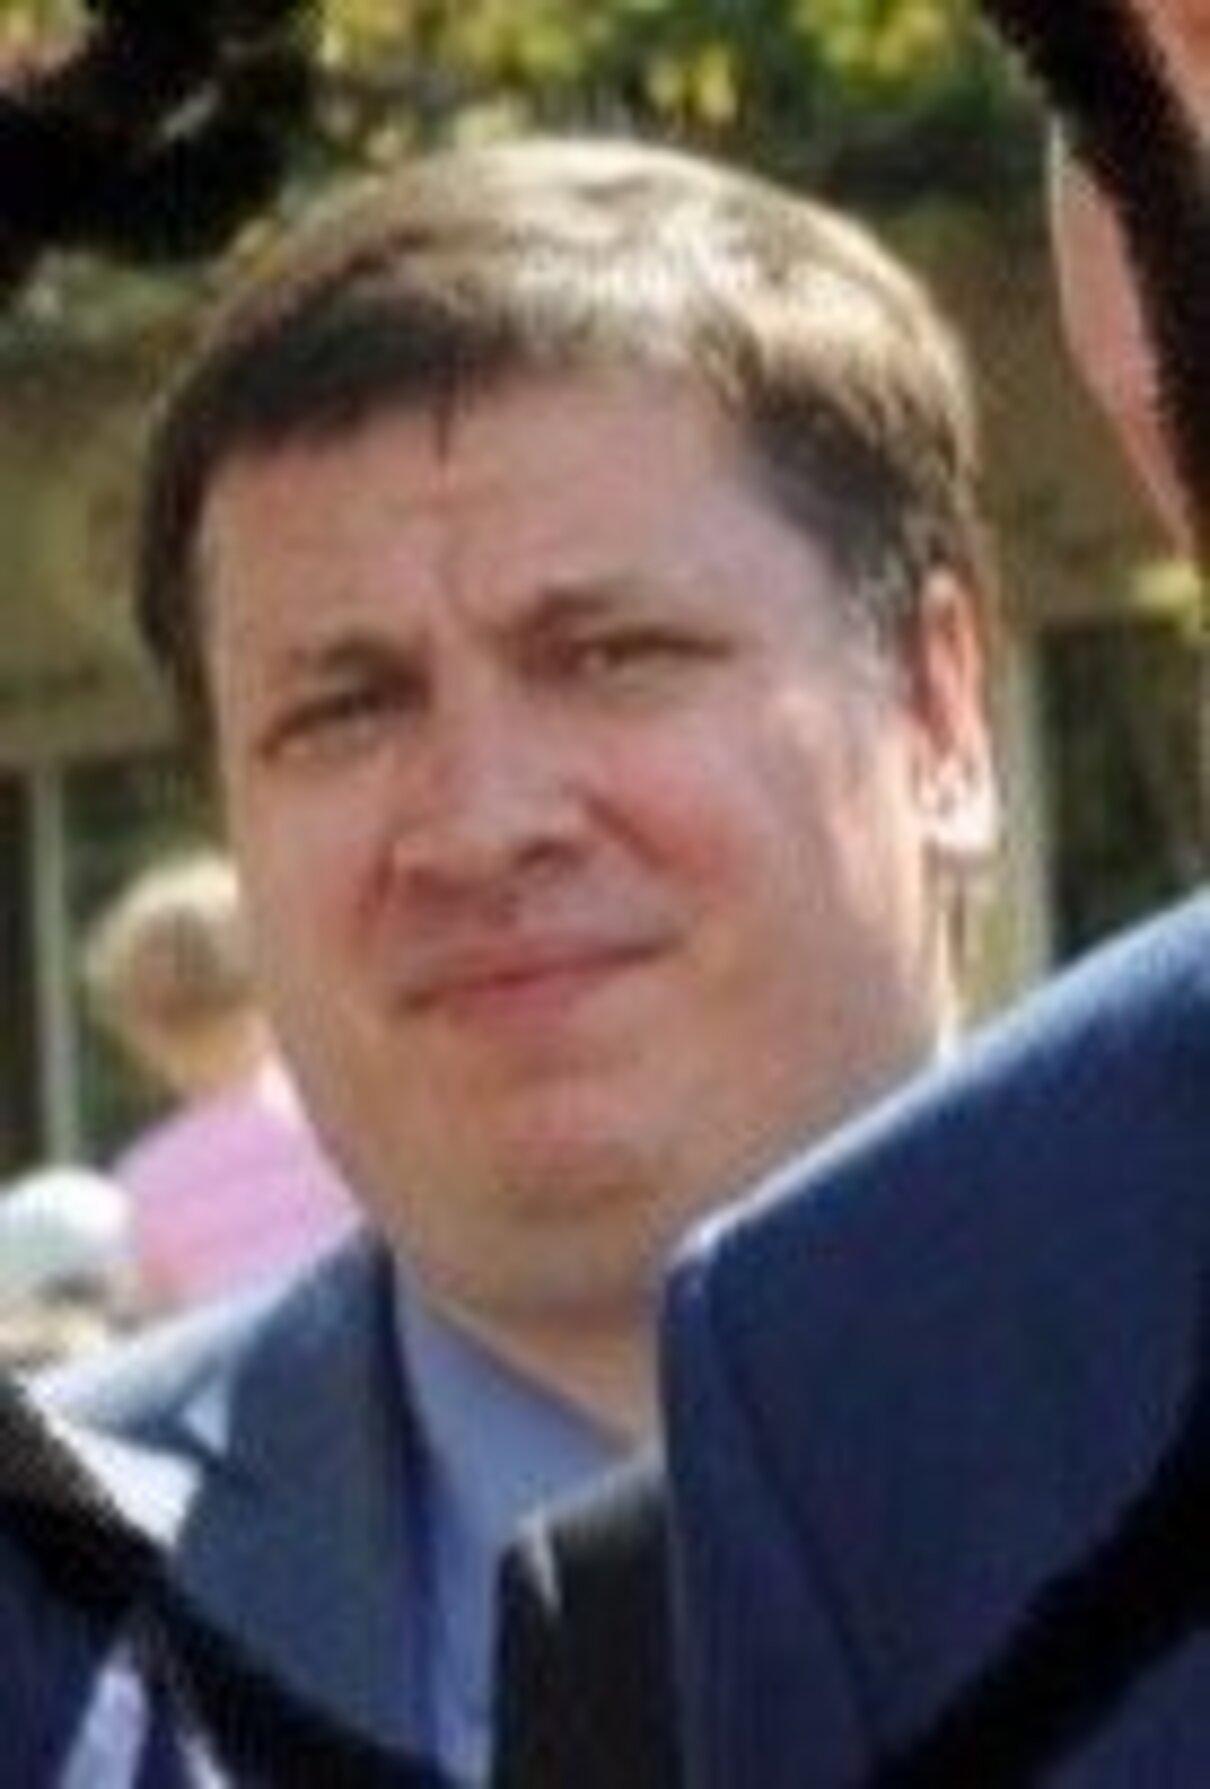 Жалоба-отзыв: Стрельцов Евгений Сергеевич - Самара Мошенник, альфонс, аферист